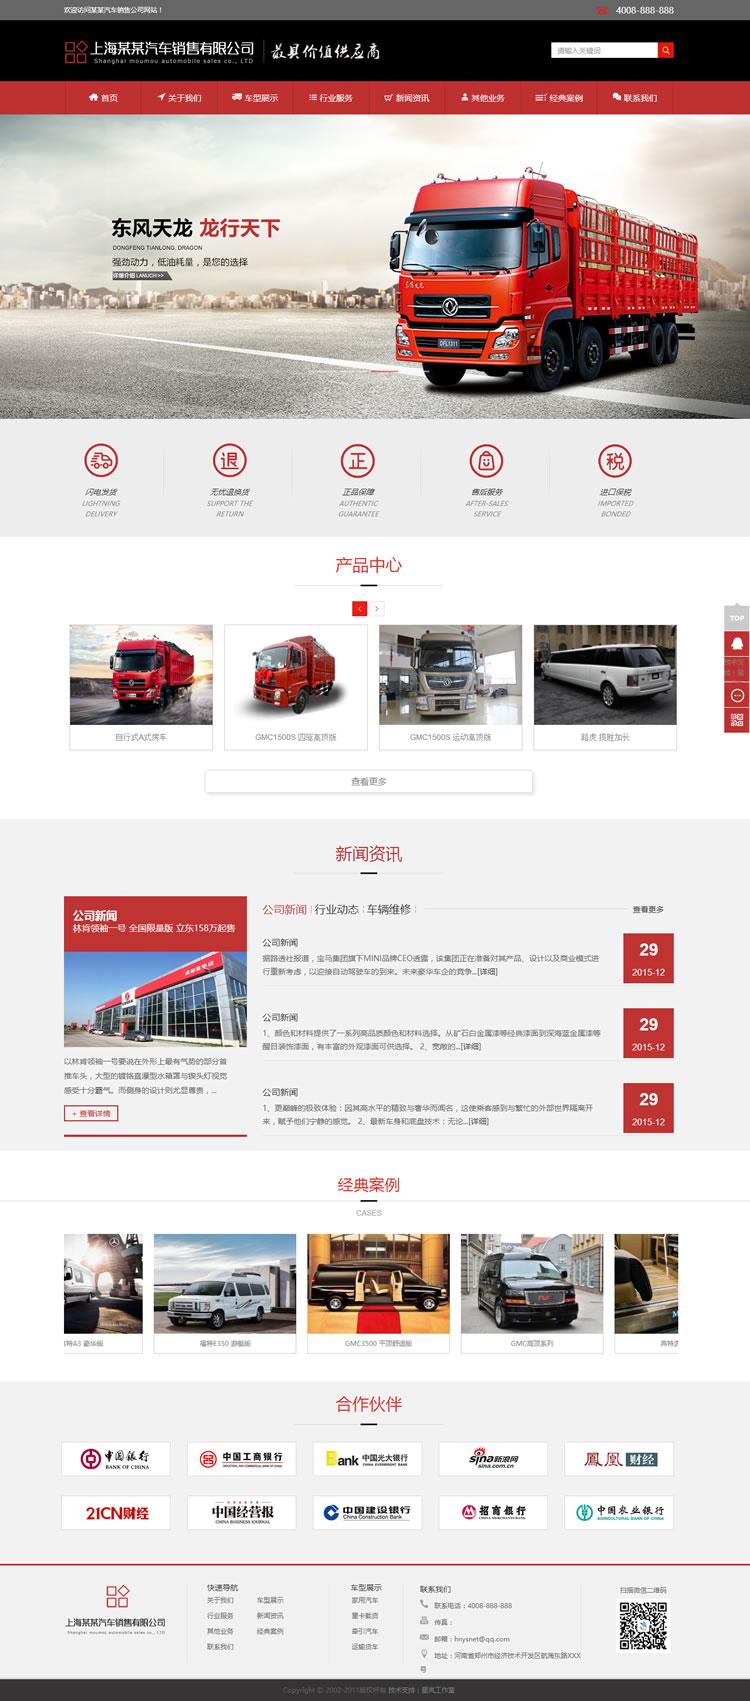 汽车销售类公司网站织梦企业模板.jpg